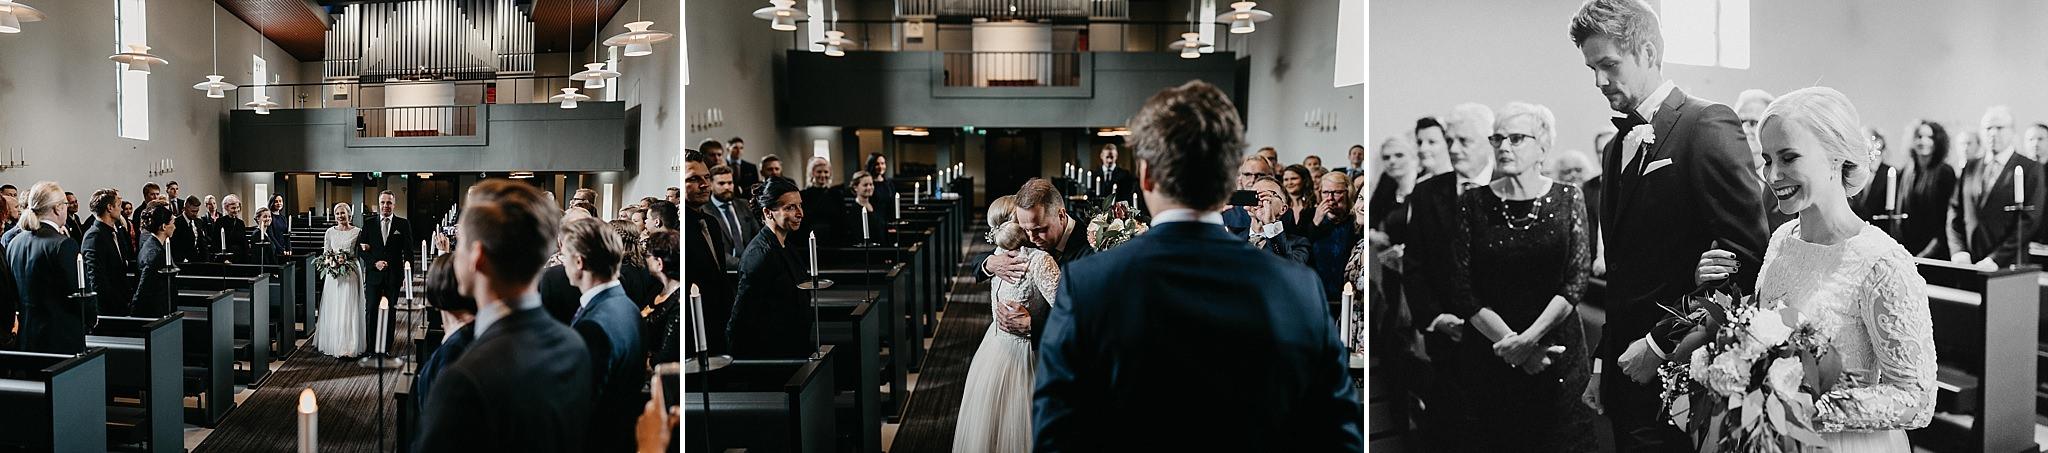 Haakuvaus_wedding_jyvaskyla_muurame_tuomiston_tila_0099.jpg